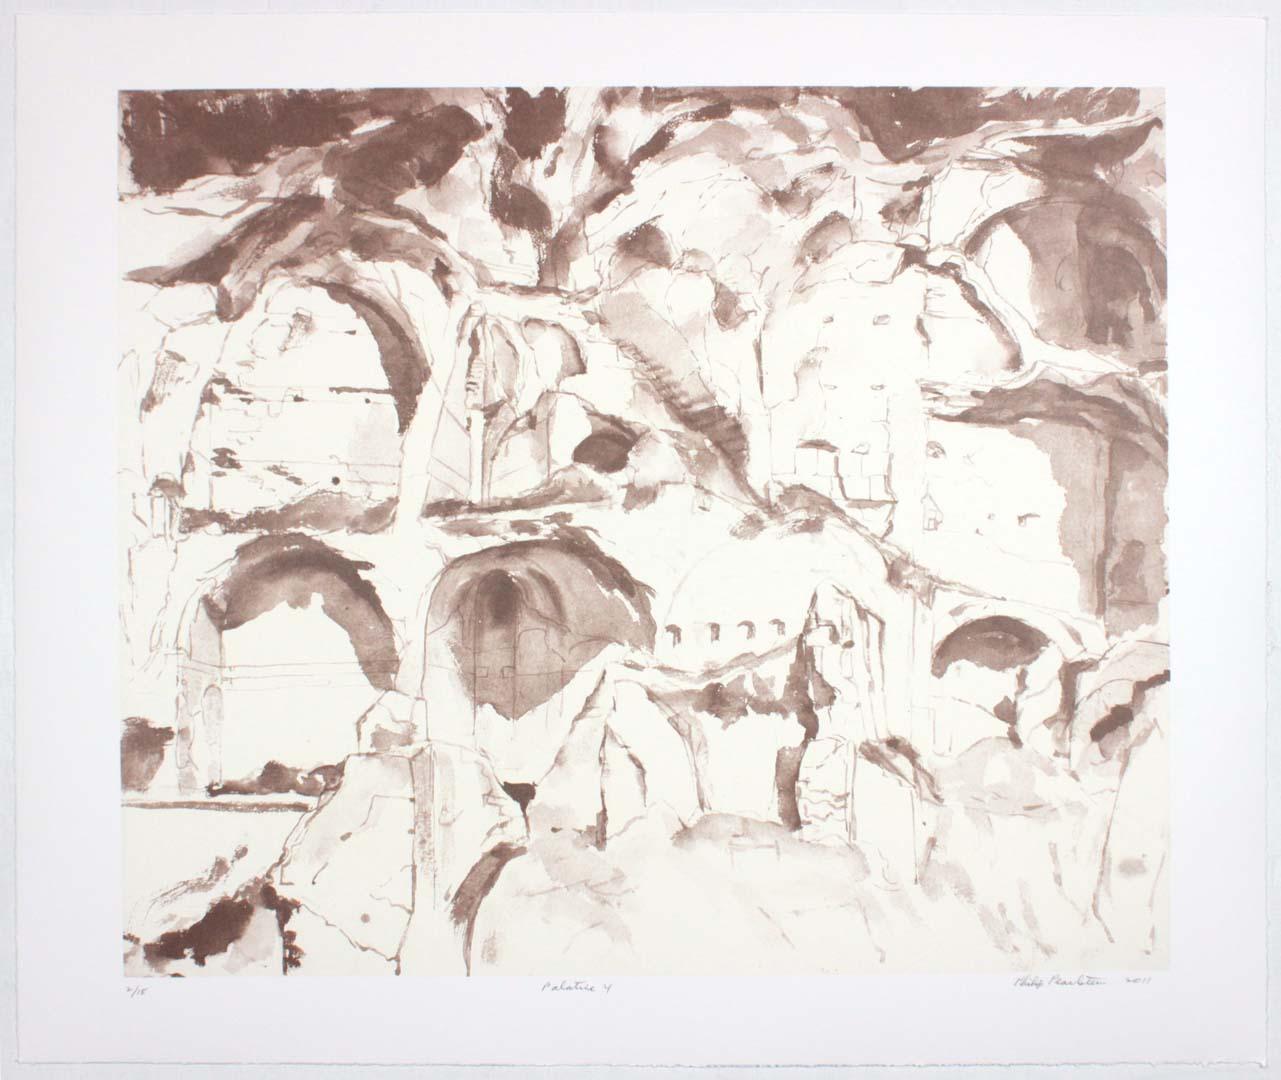 """2011 Palatine #4 Lithograph on Paper 20.625"""" x 24.625"""""""